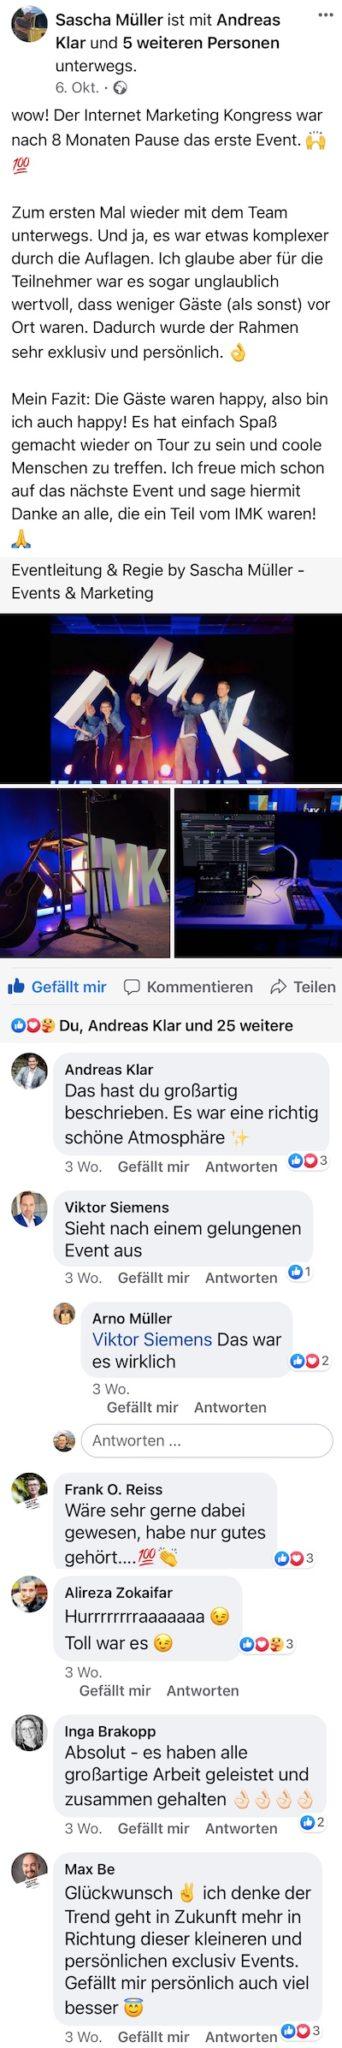 Feedback von Sascha Müller auf dem Internet Marketing Kongress 2020 von Heiko Häusler